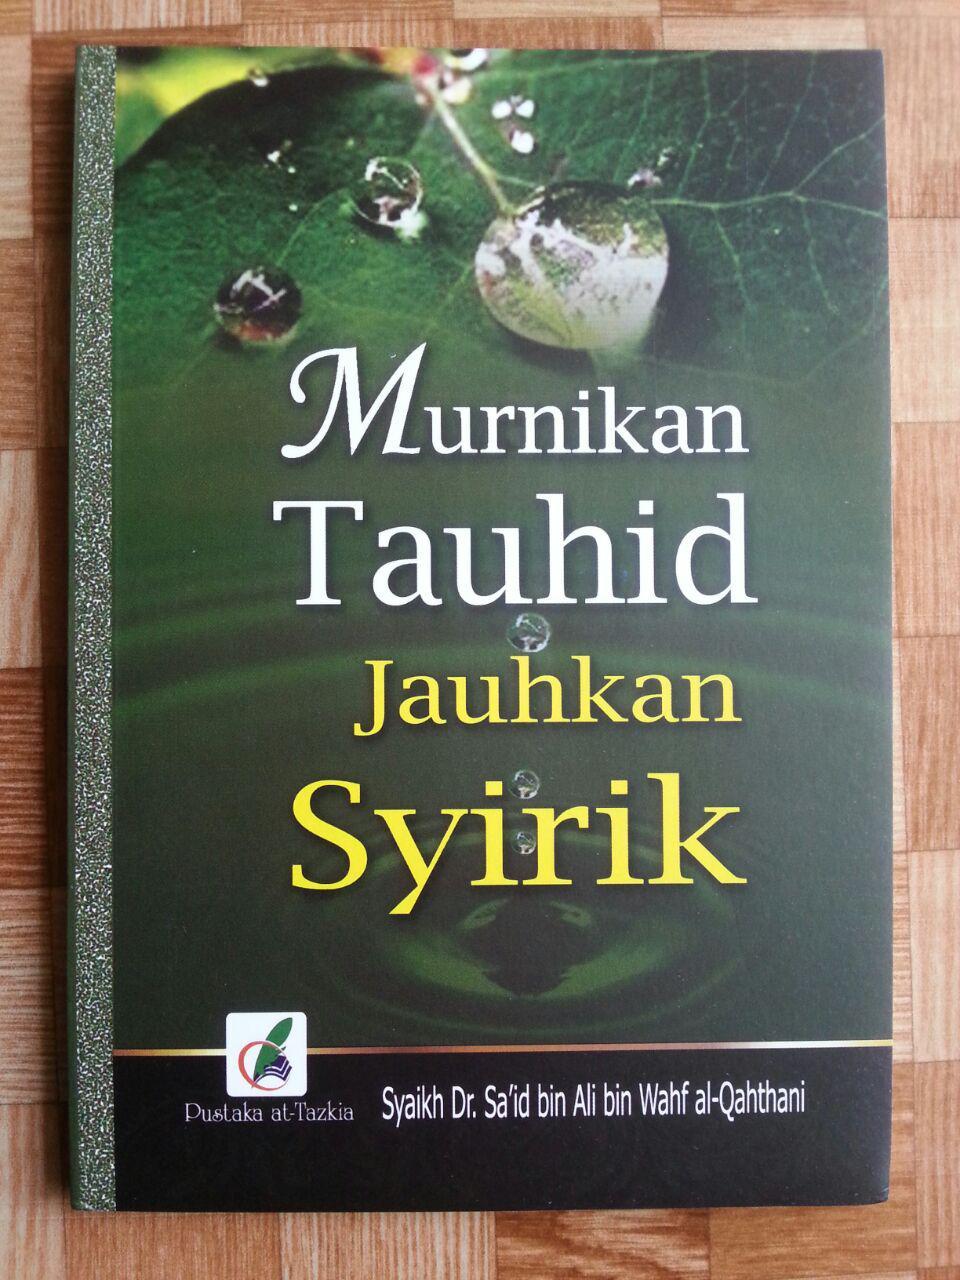 Buku Murnikan Tauhid Jauhkan Syirik cover 2